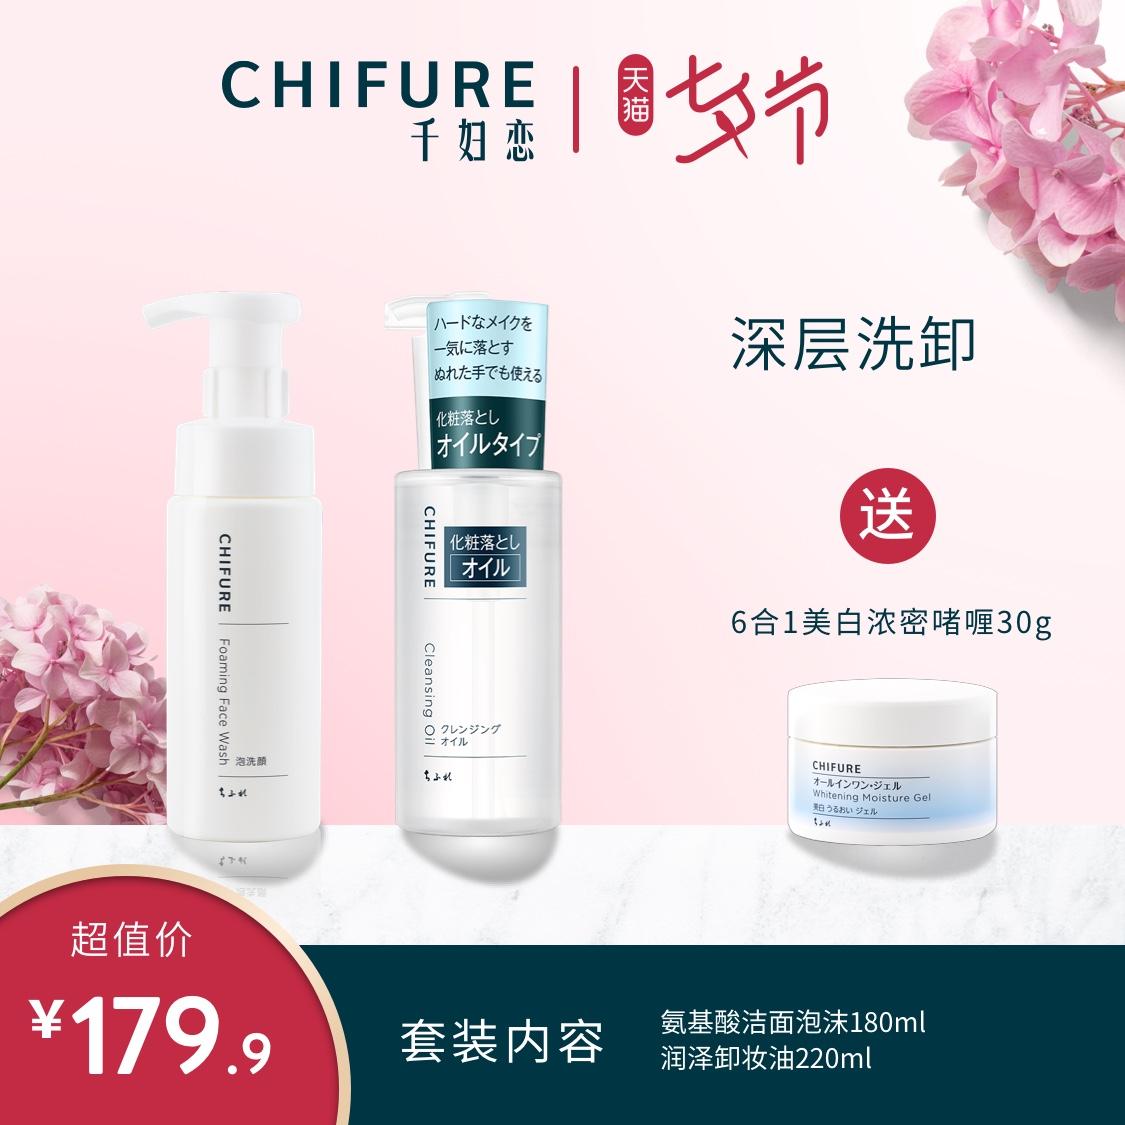 chifure 日本千婦戀卸妝油氨基酸泡沫潔面套裝